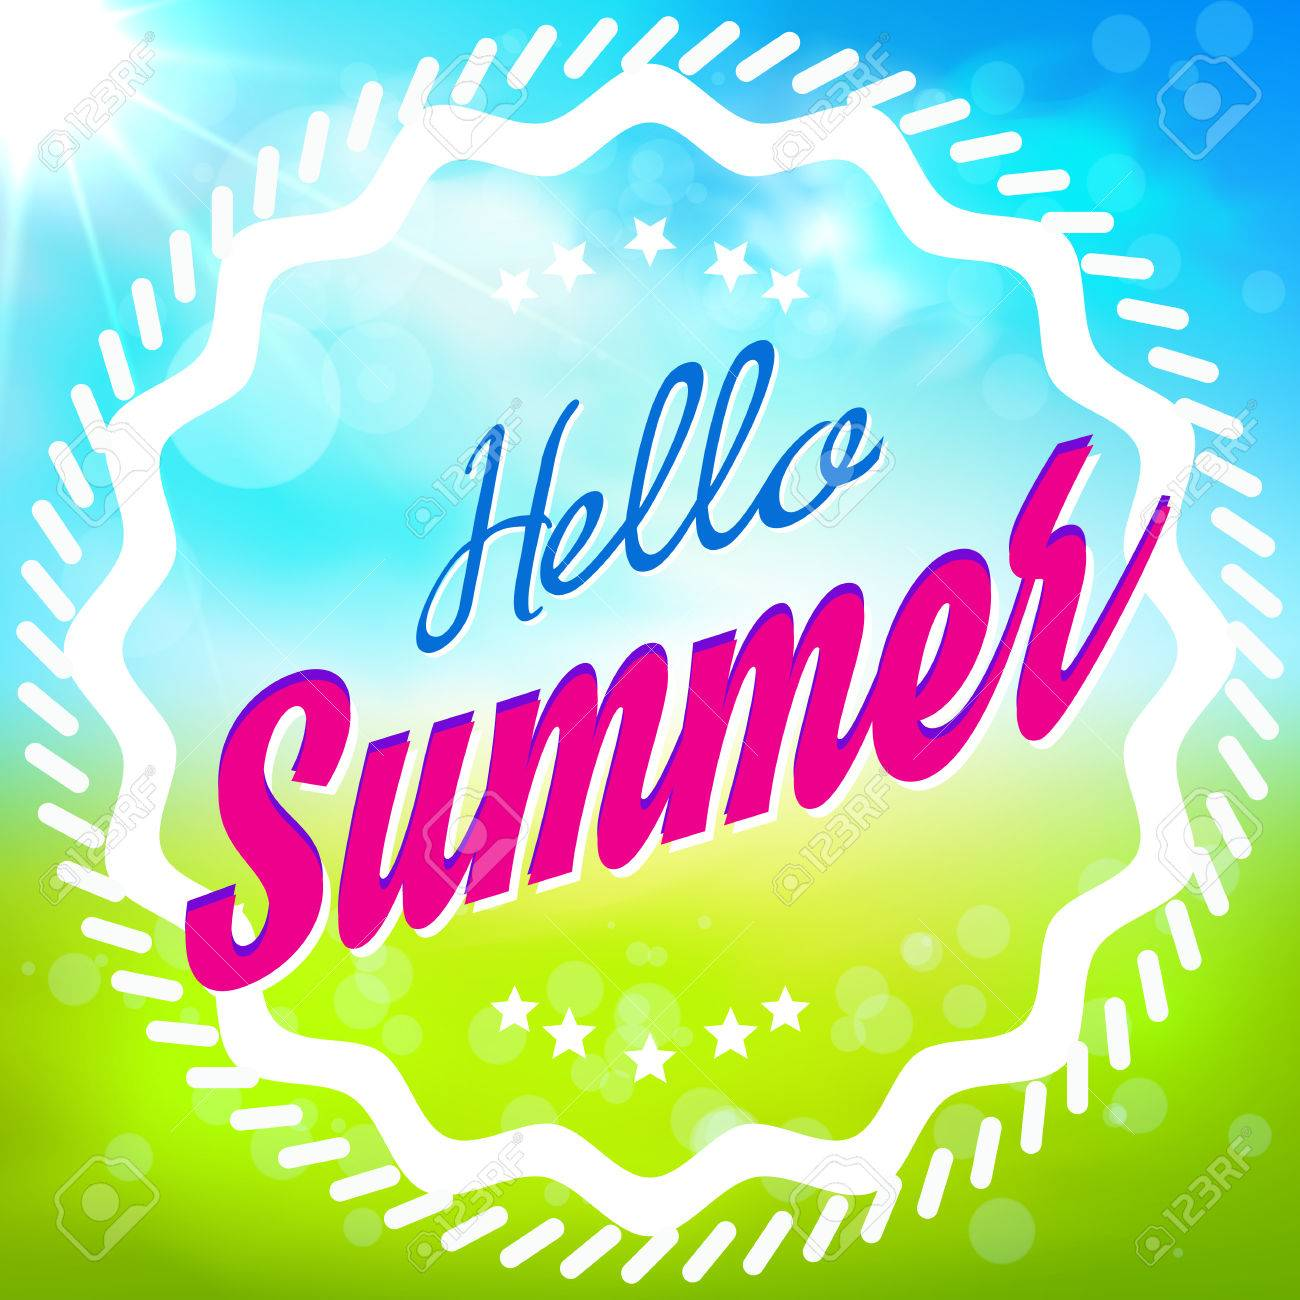 カードこんにちは夏夏のベクトル イラスト背景。夏の壁紙バナーに